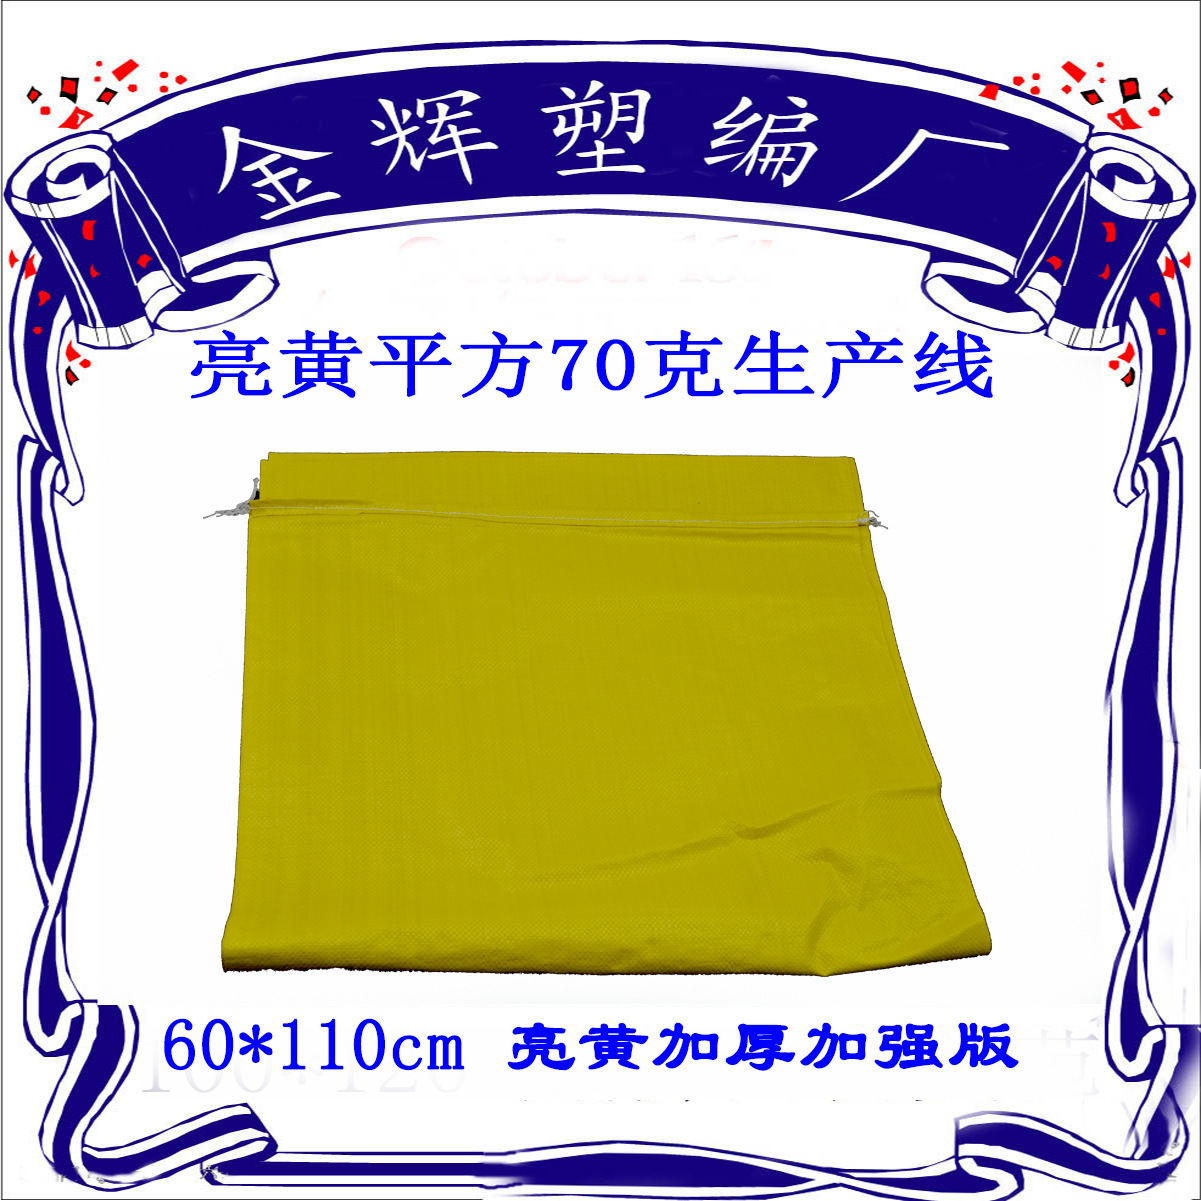 粮食袋  装粮食编织袋  粮食袋子  黄色编织袋加厚粮食袋60110全新饲料袋厚款板栗粮食打包袋編織袋